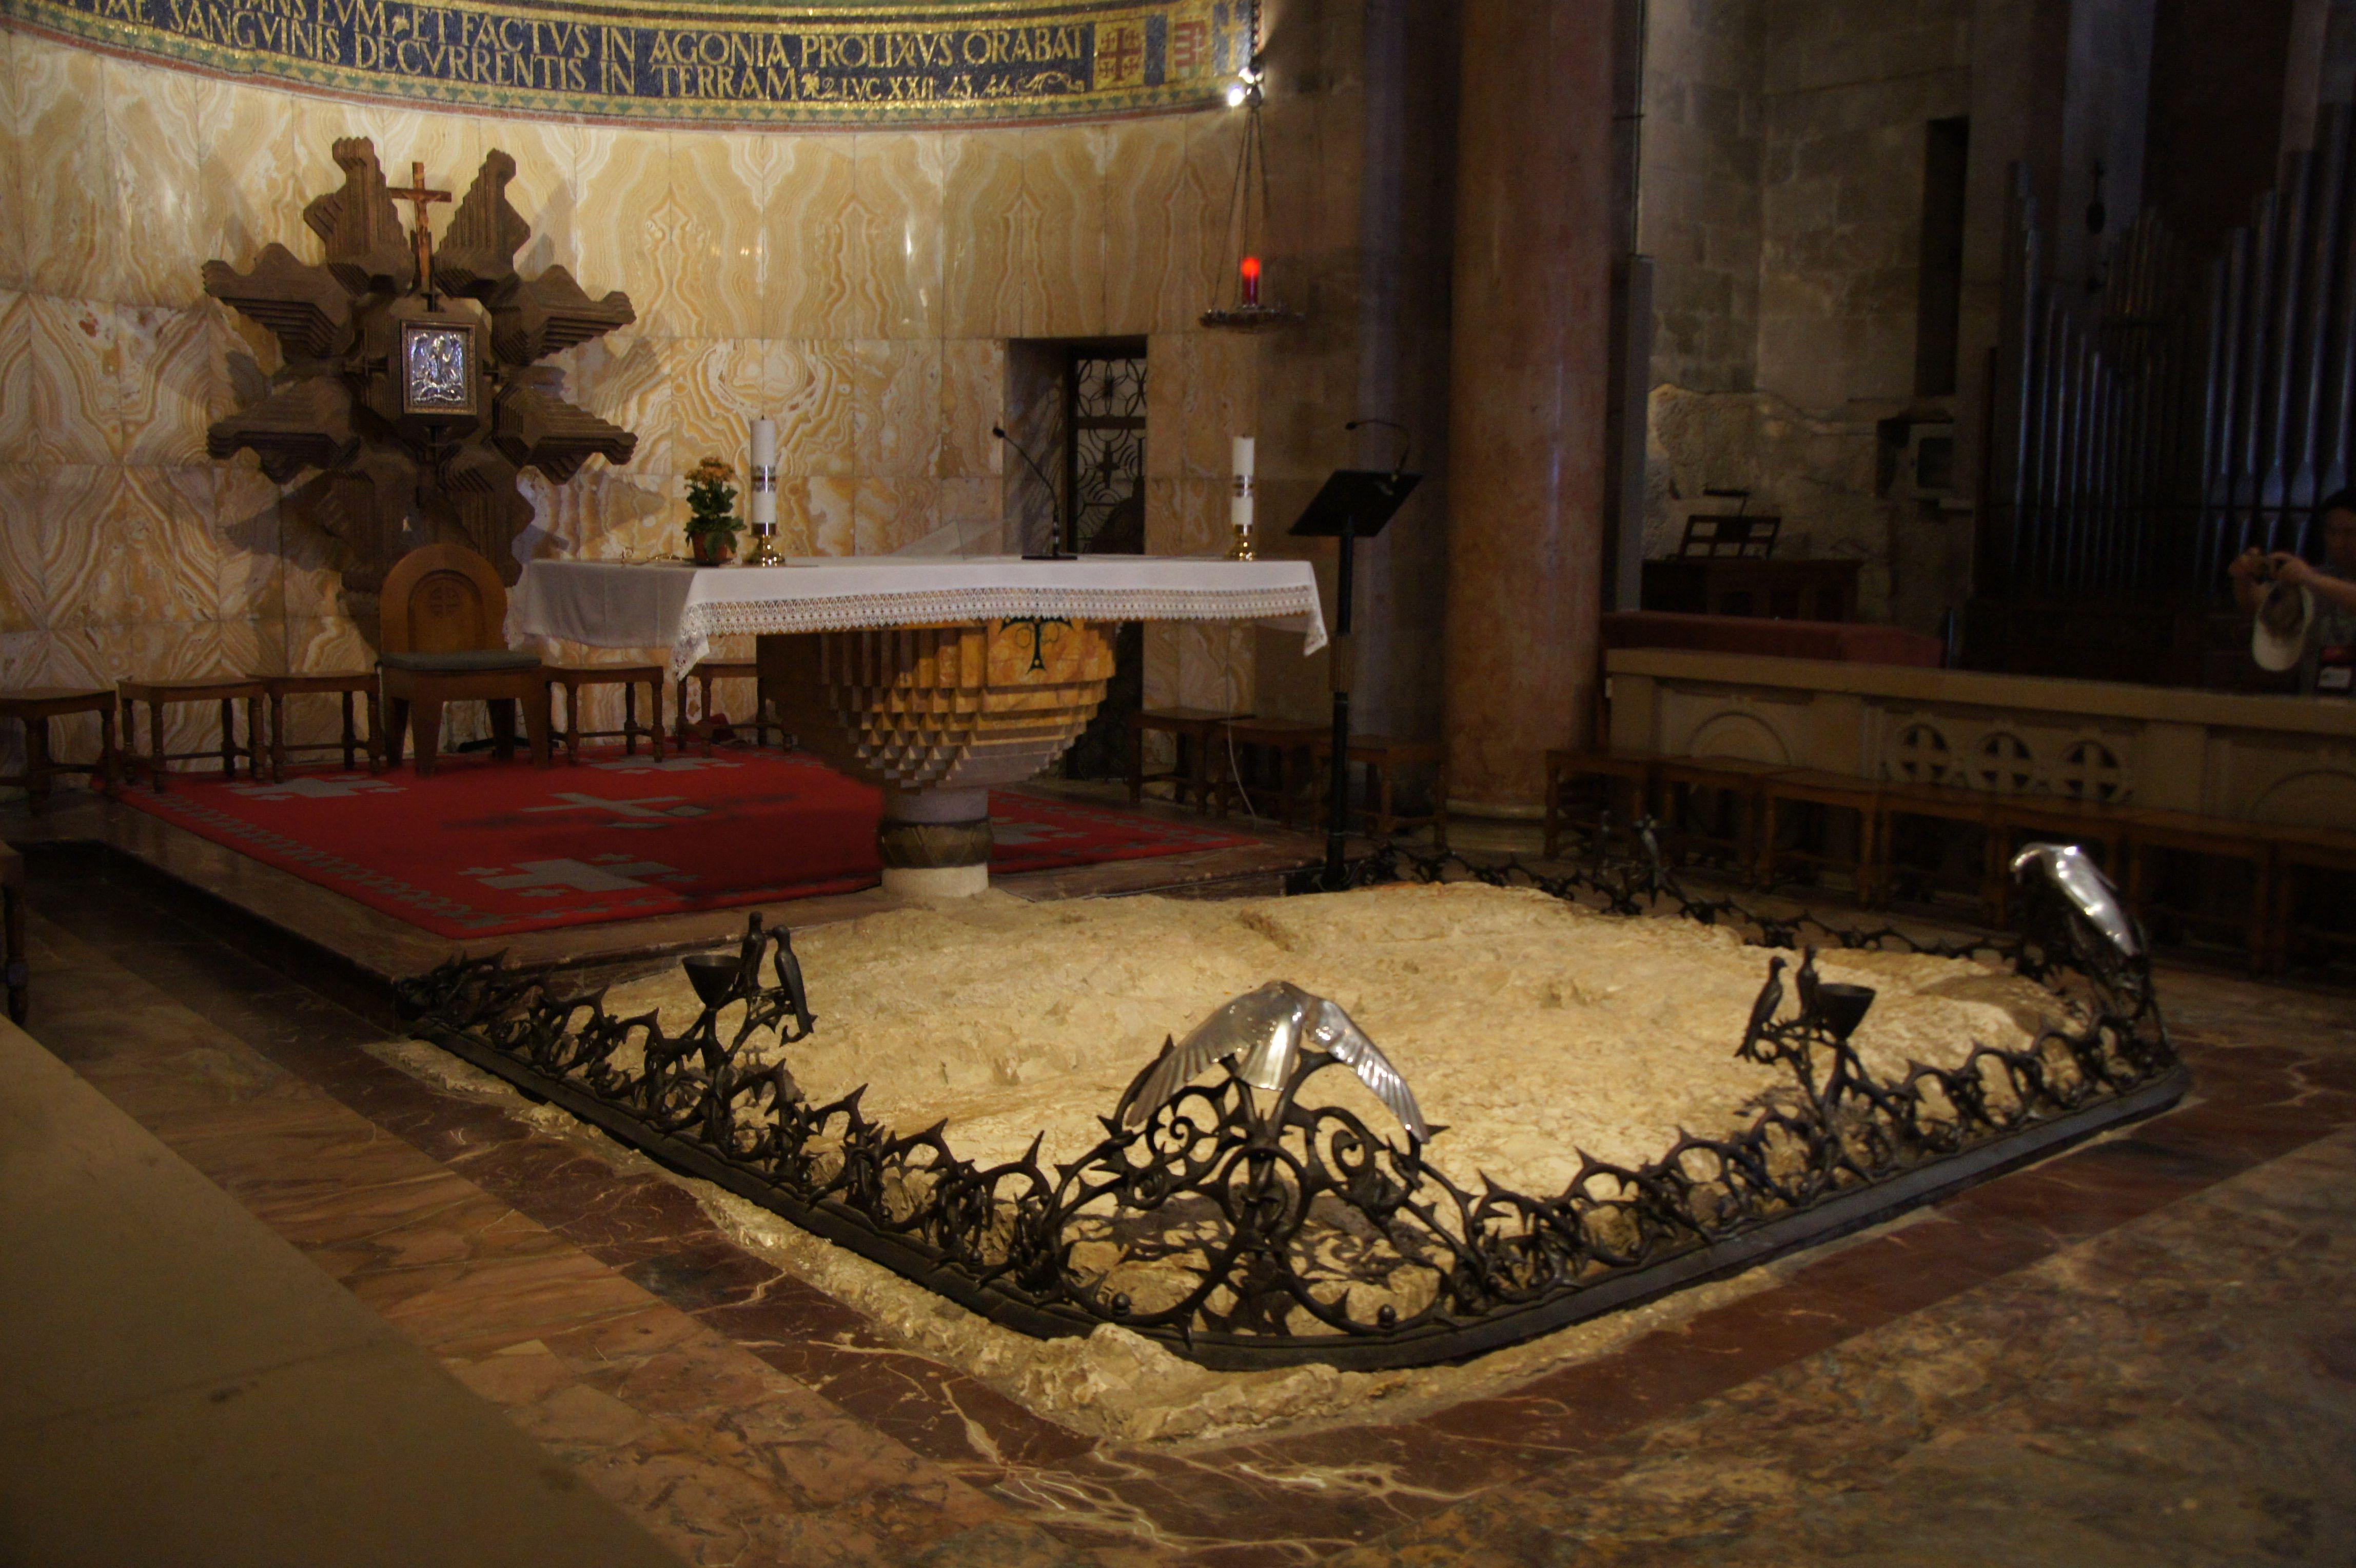 The bedrock where Jesus prayed in anguish